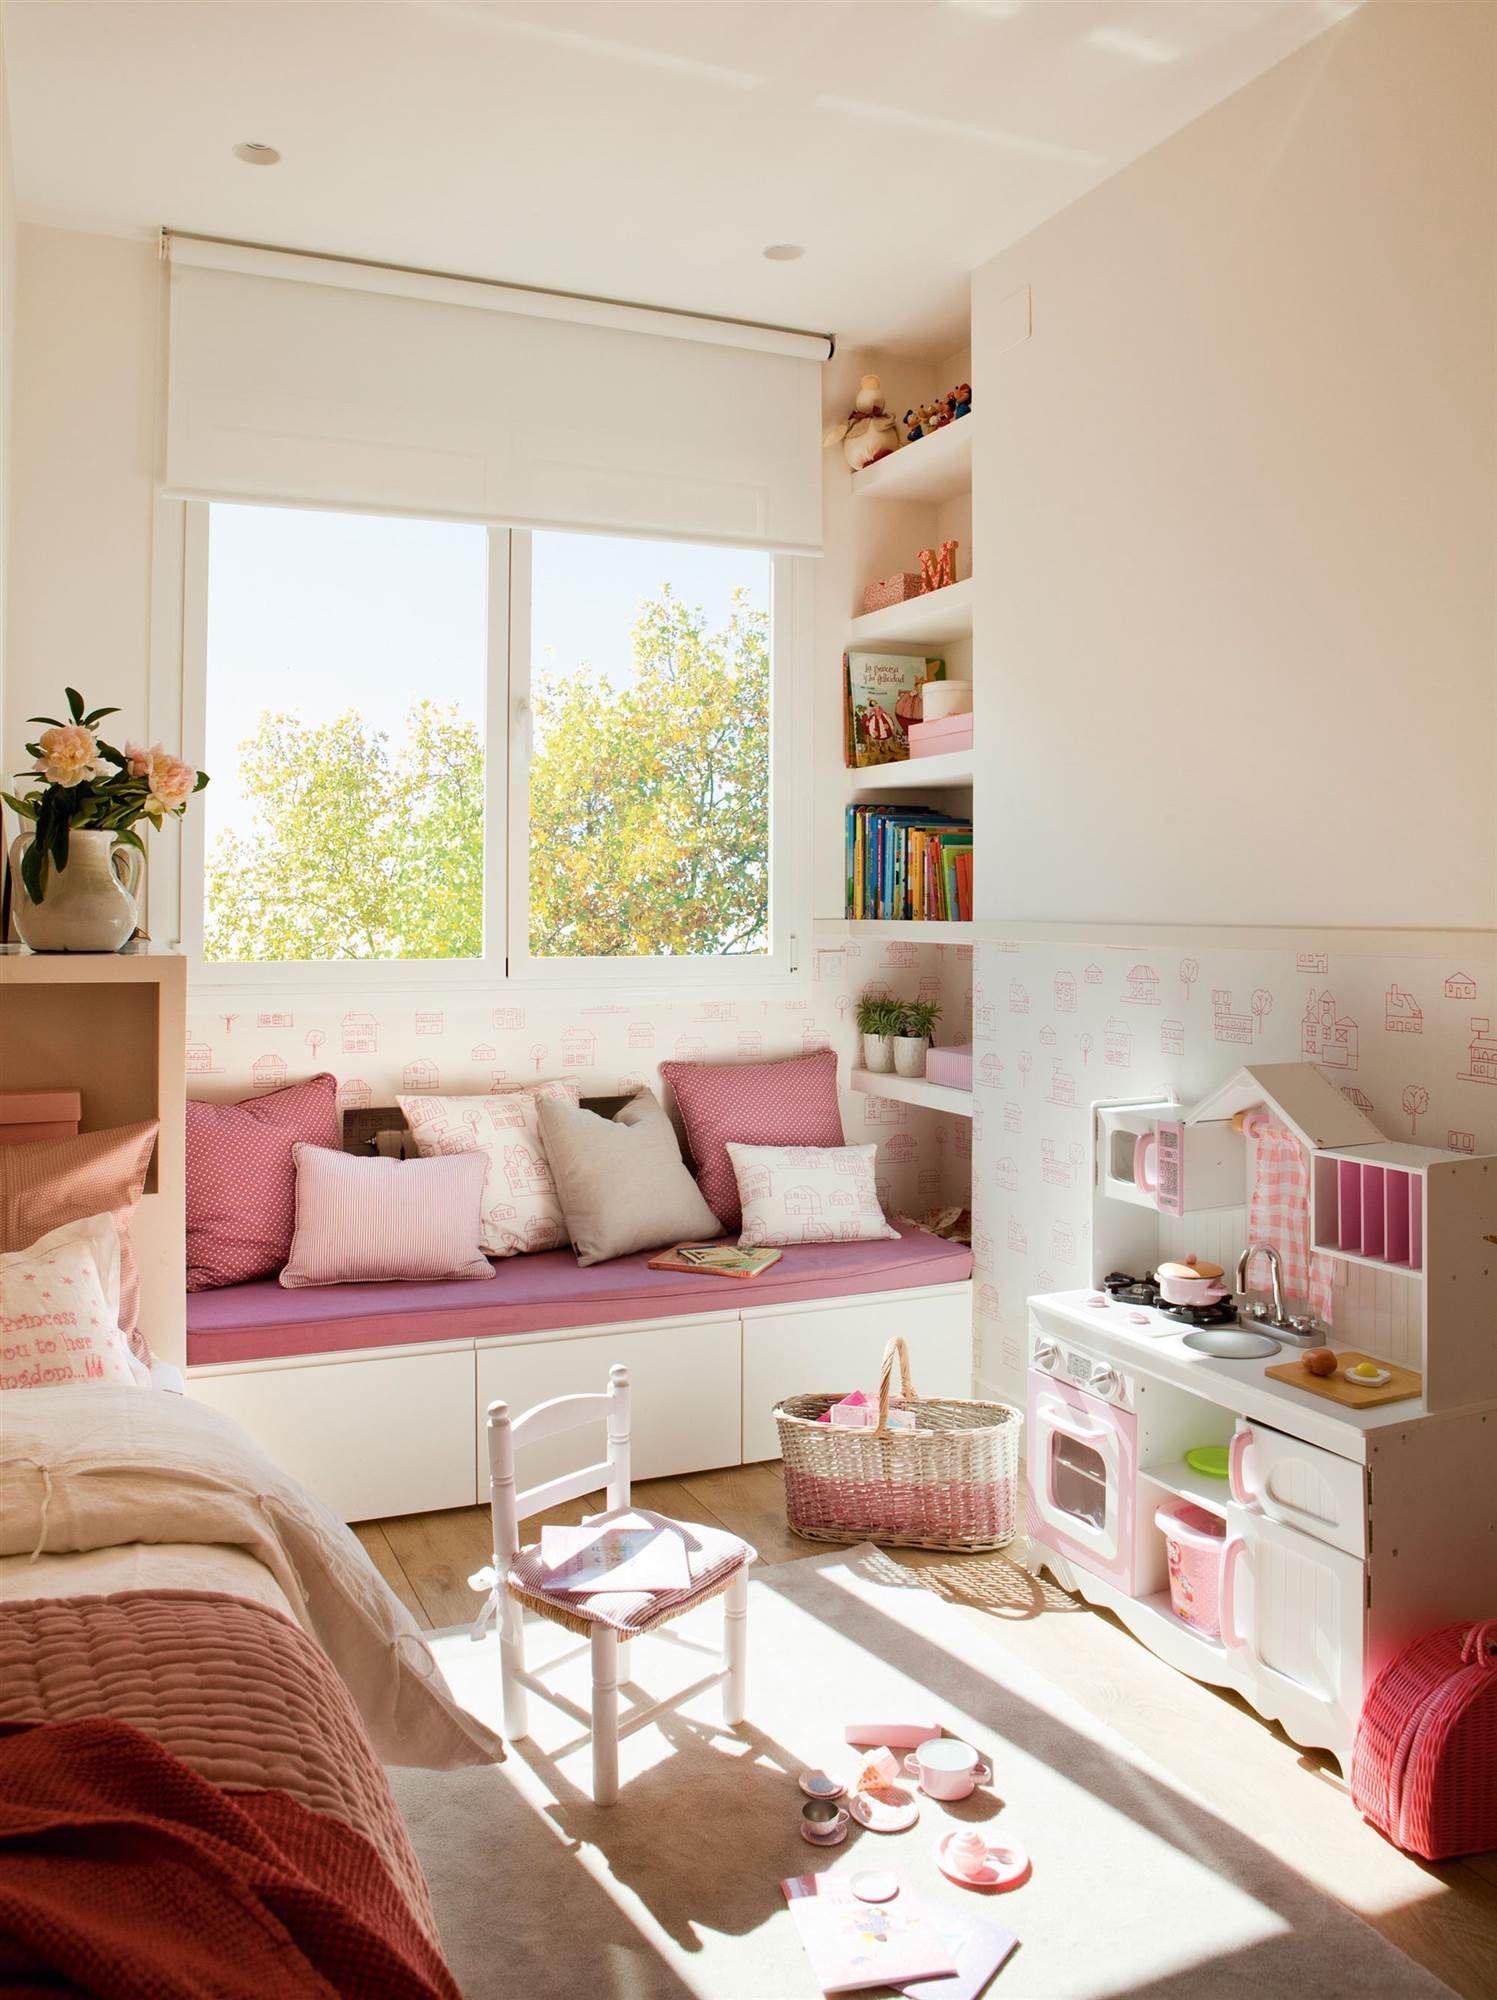 Un banco bajo la ventana en 2019 valeria dormitorio for Decoracion sencilla habitacion nina